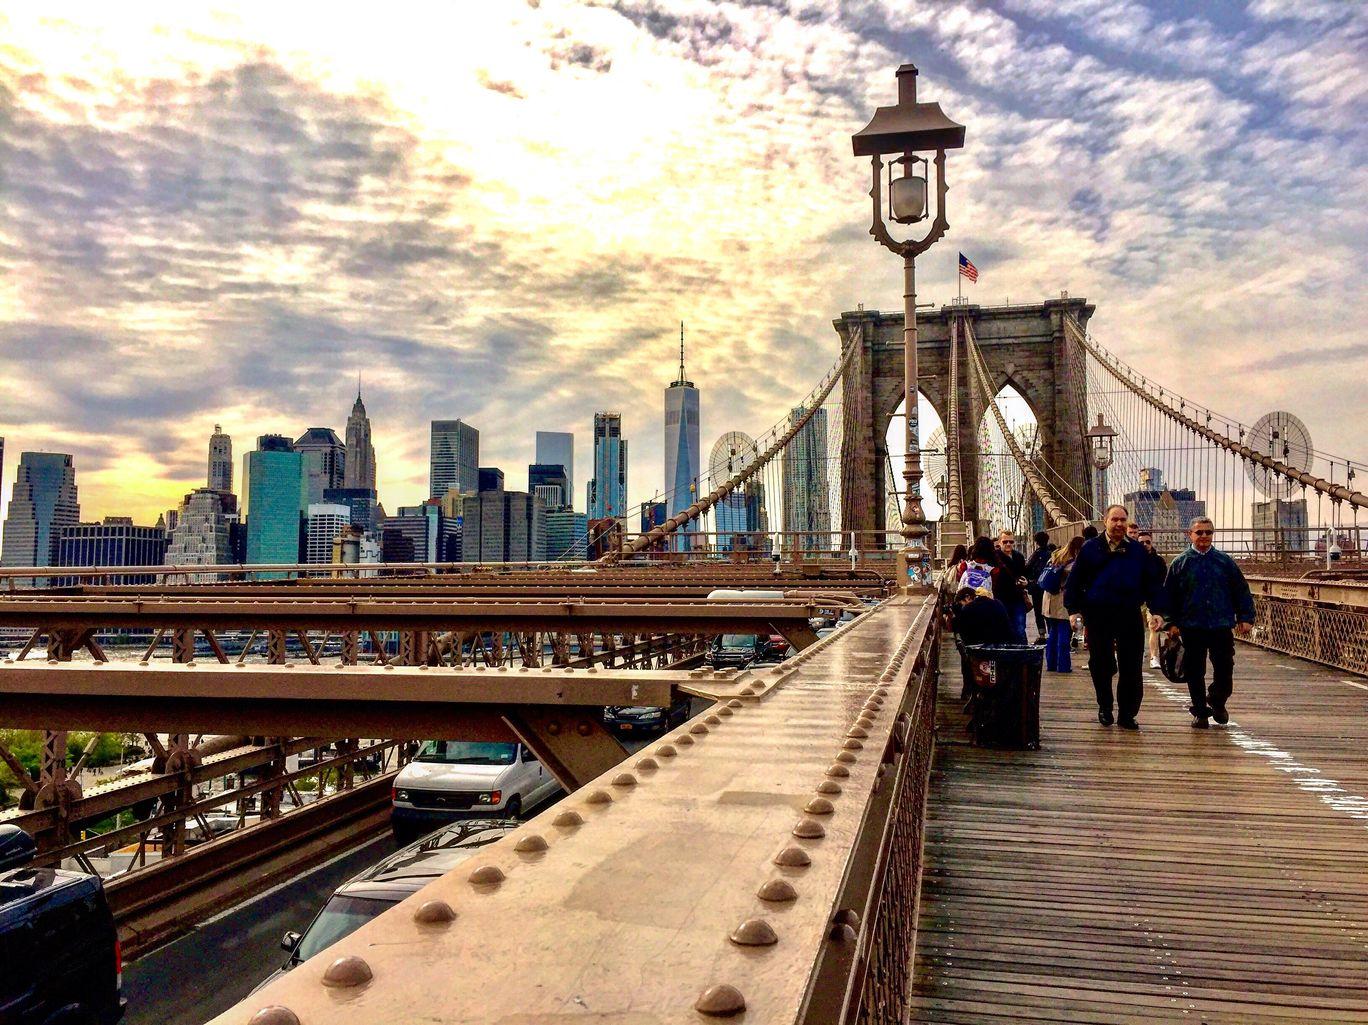 Photo of New York By alvira66